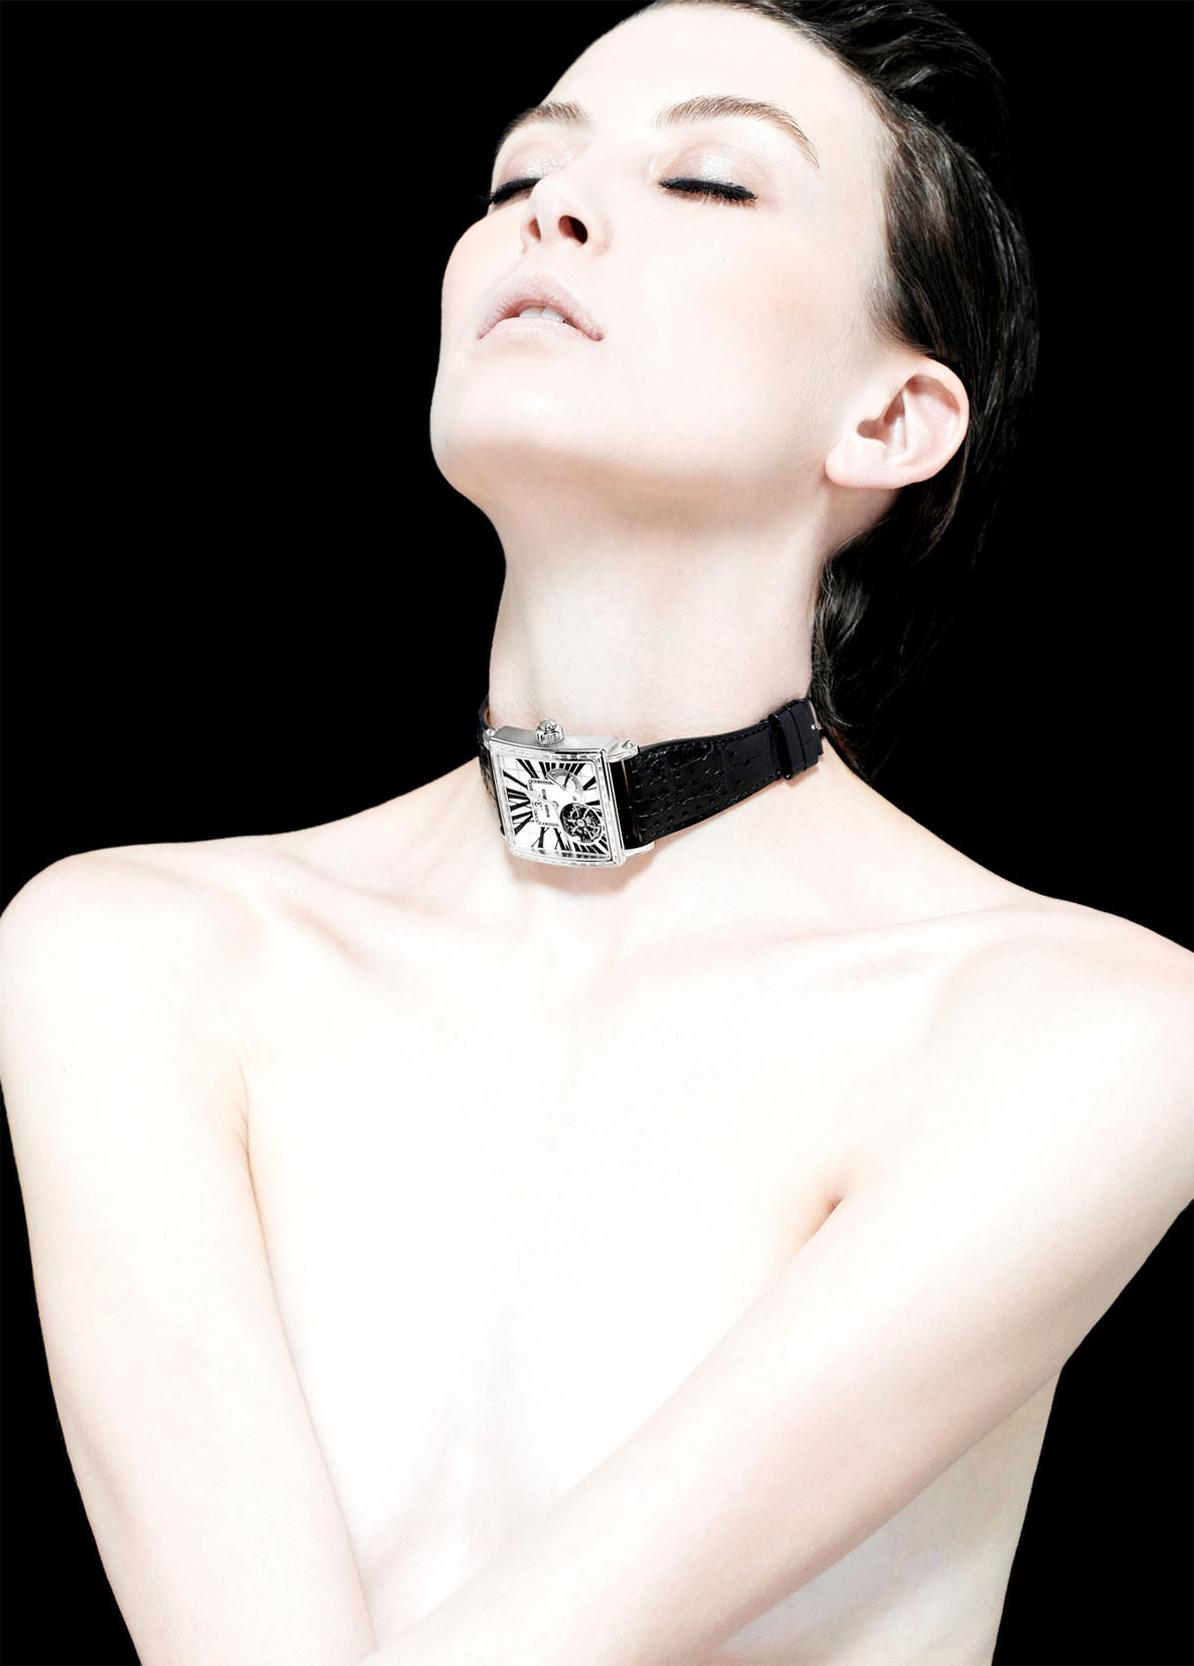 RogerDubuis #jewelrywatch #exclusivewatch #expensivejewelry #jewelryphotographer #hkphotographer #ho